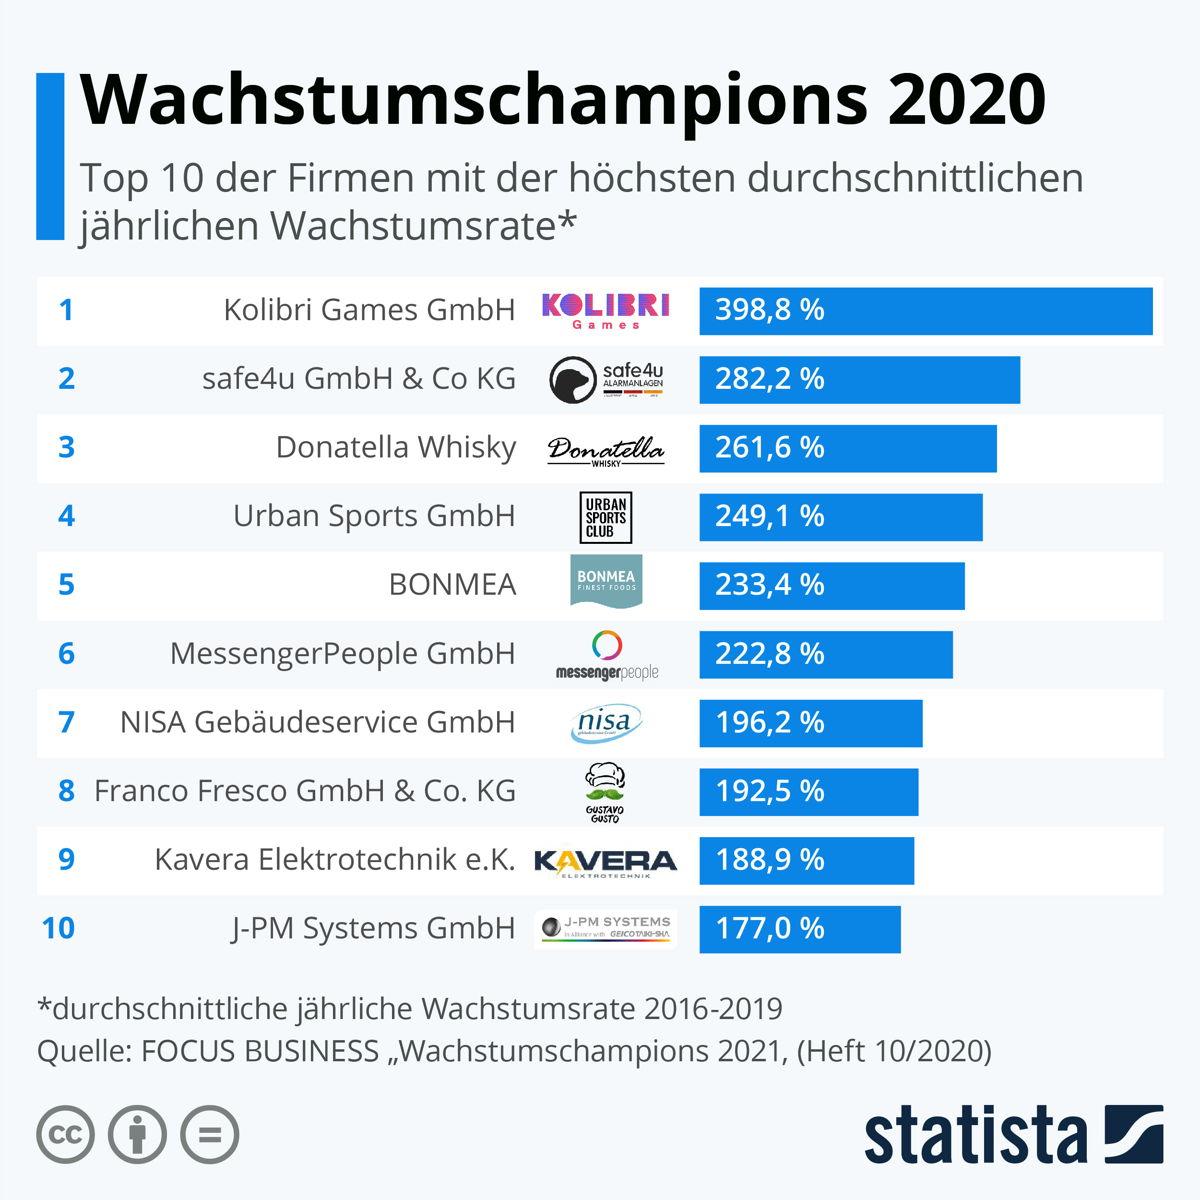 Quelle: https://de.statista.com/presse/p/wachstumschampions_2021/